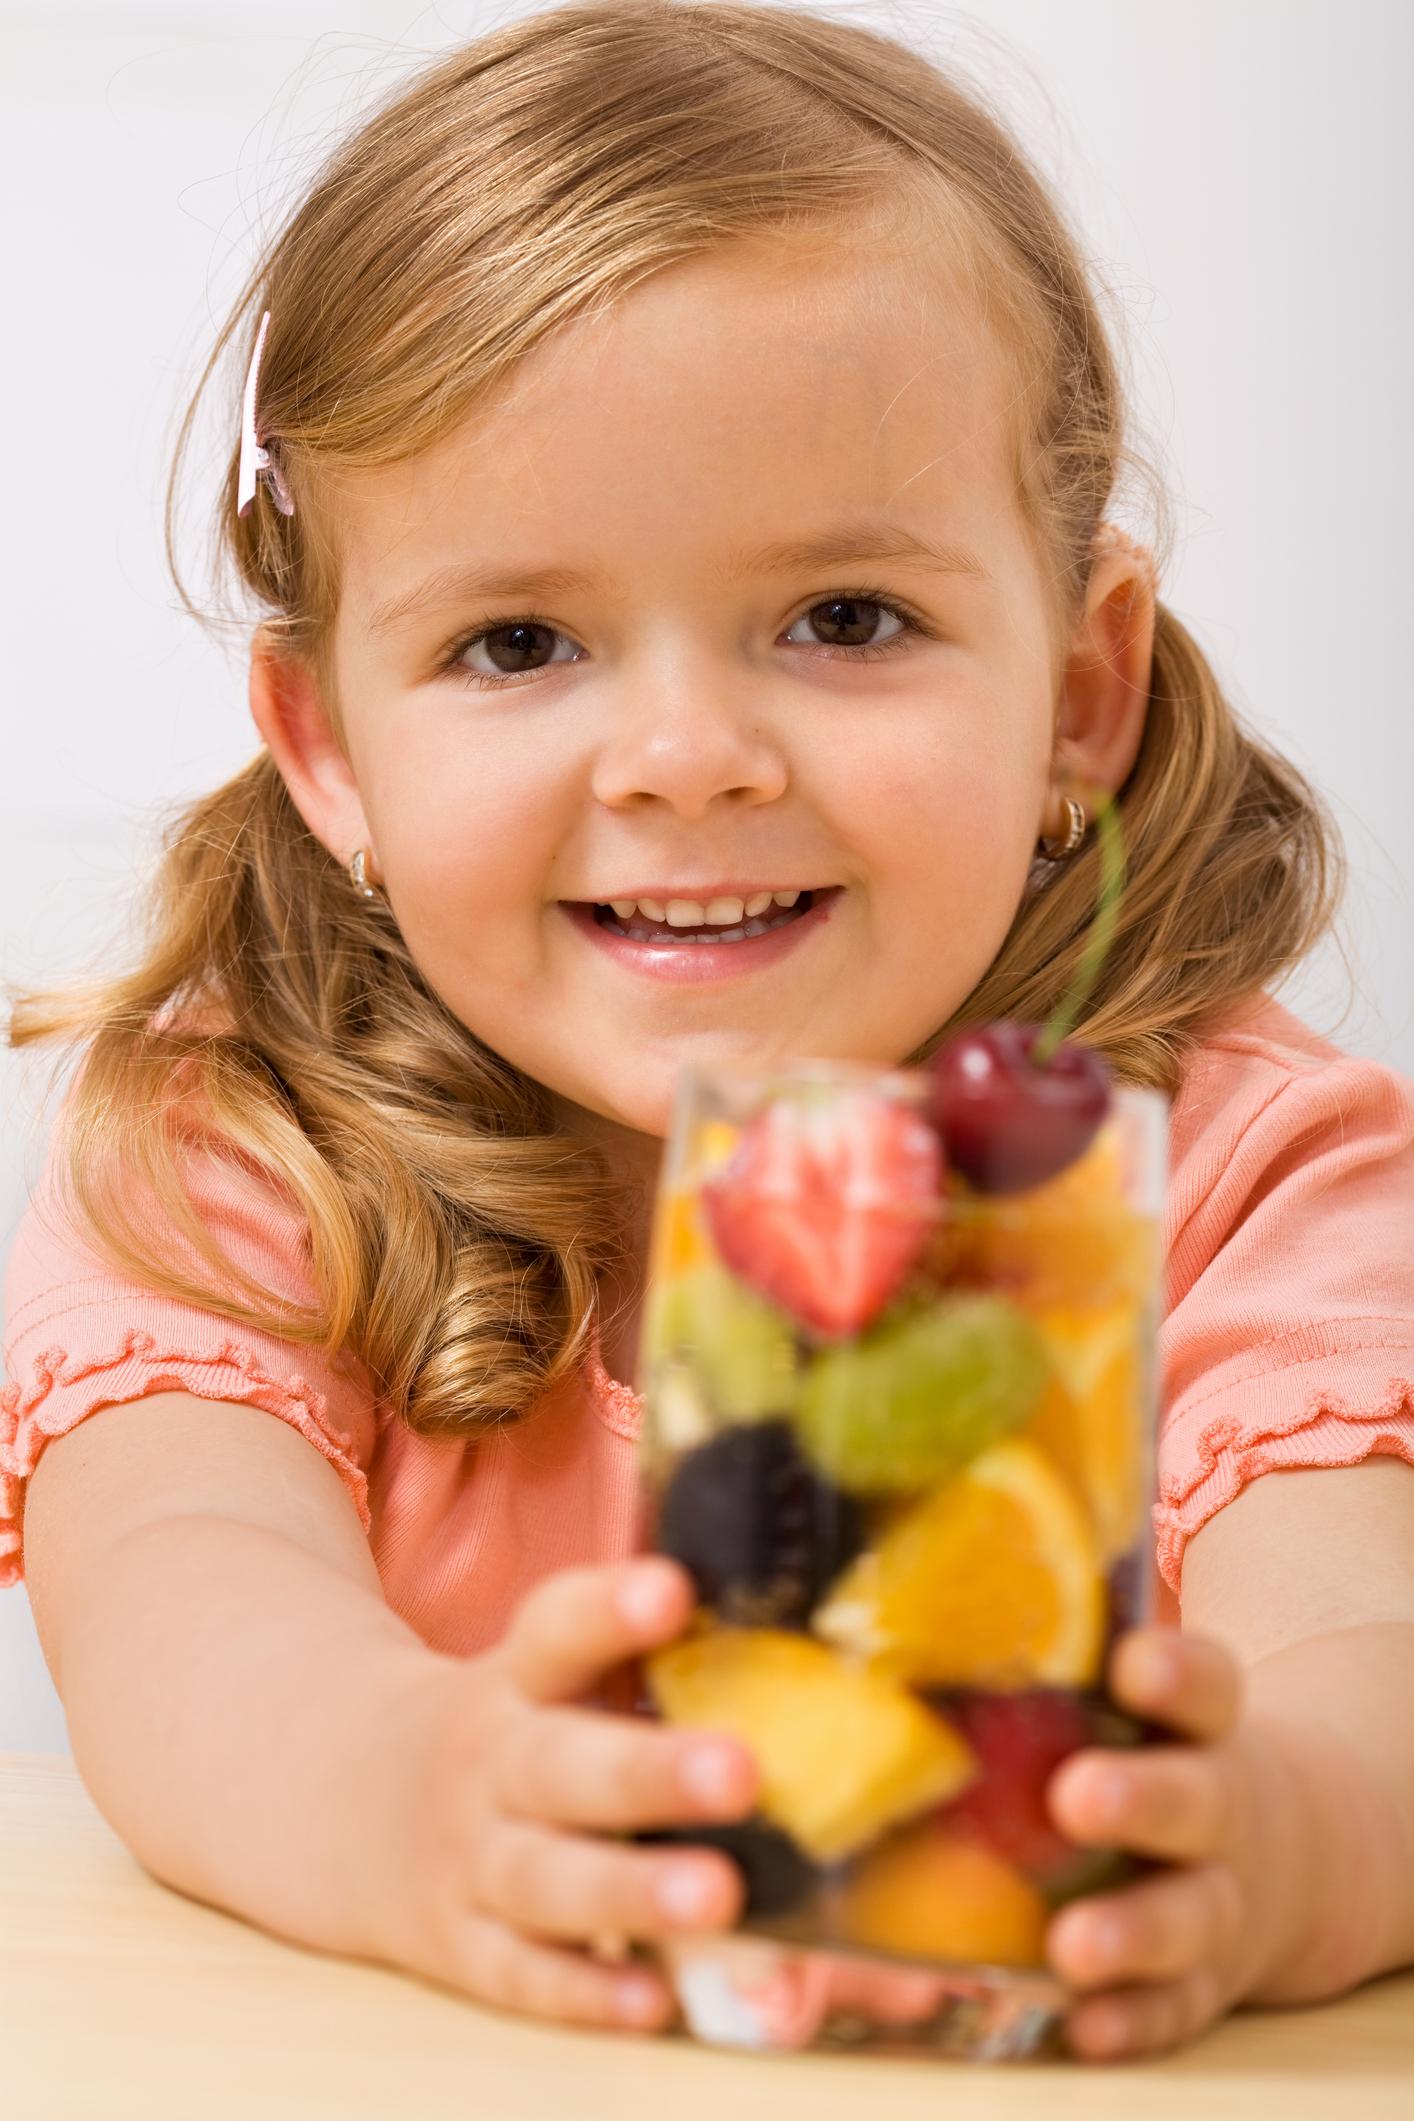 Choosing healthy snacks - Healthy Kids